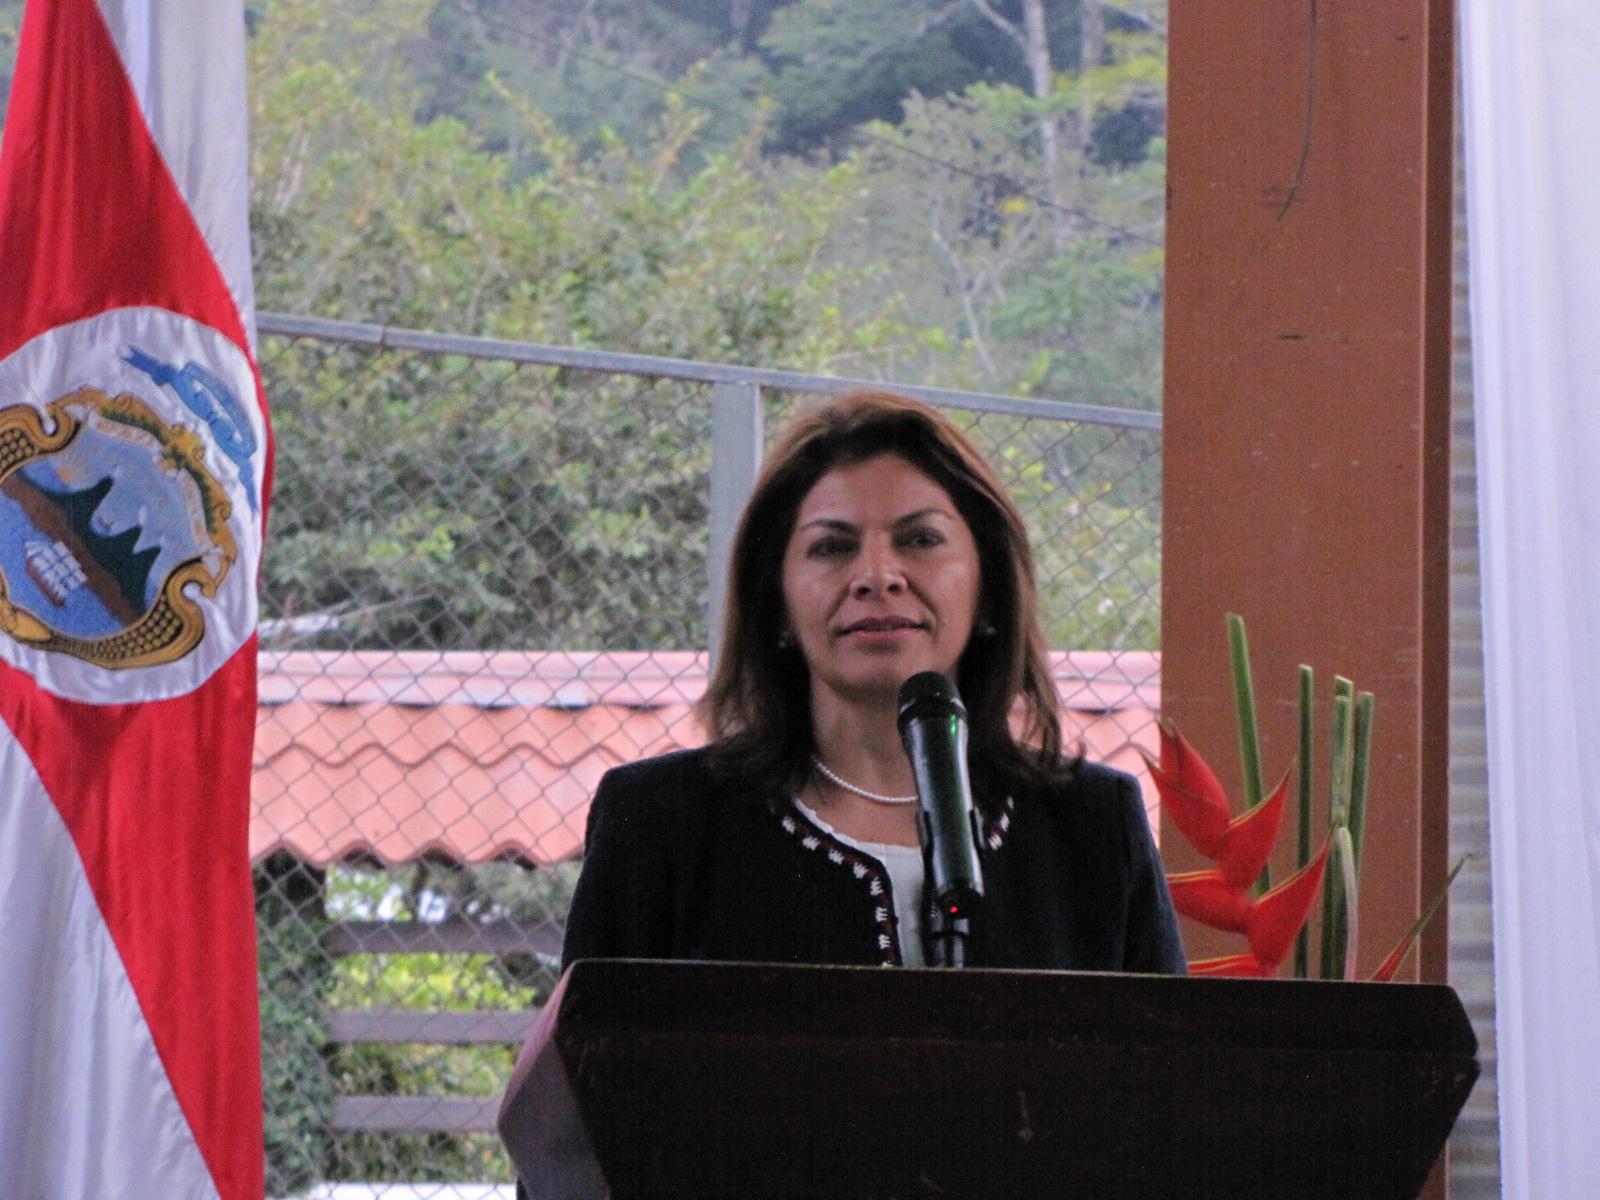 La Presidenta Laura Chinchilla defenderá su honor en los tribunales. (FOTO PROPIEDAD DE EL JORNAL)